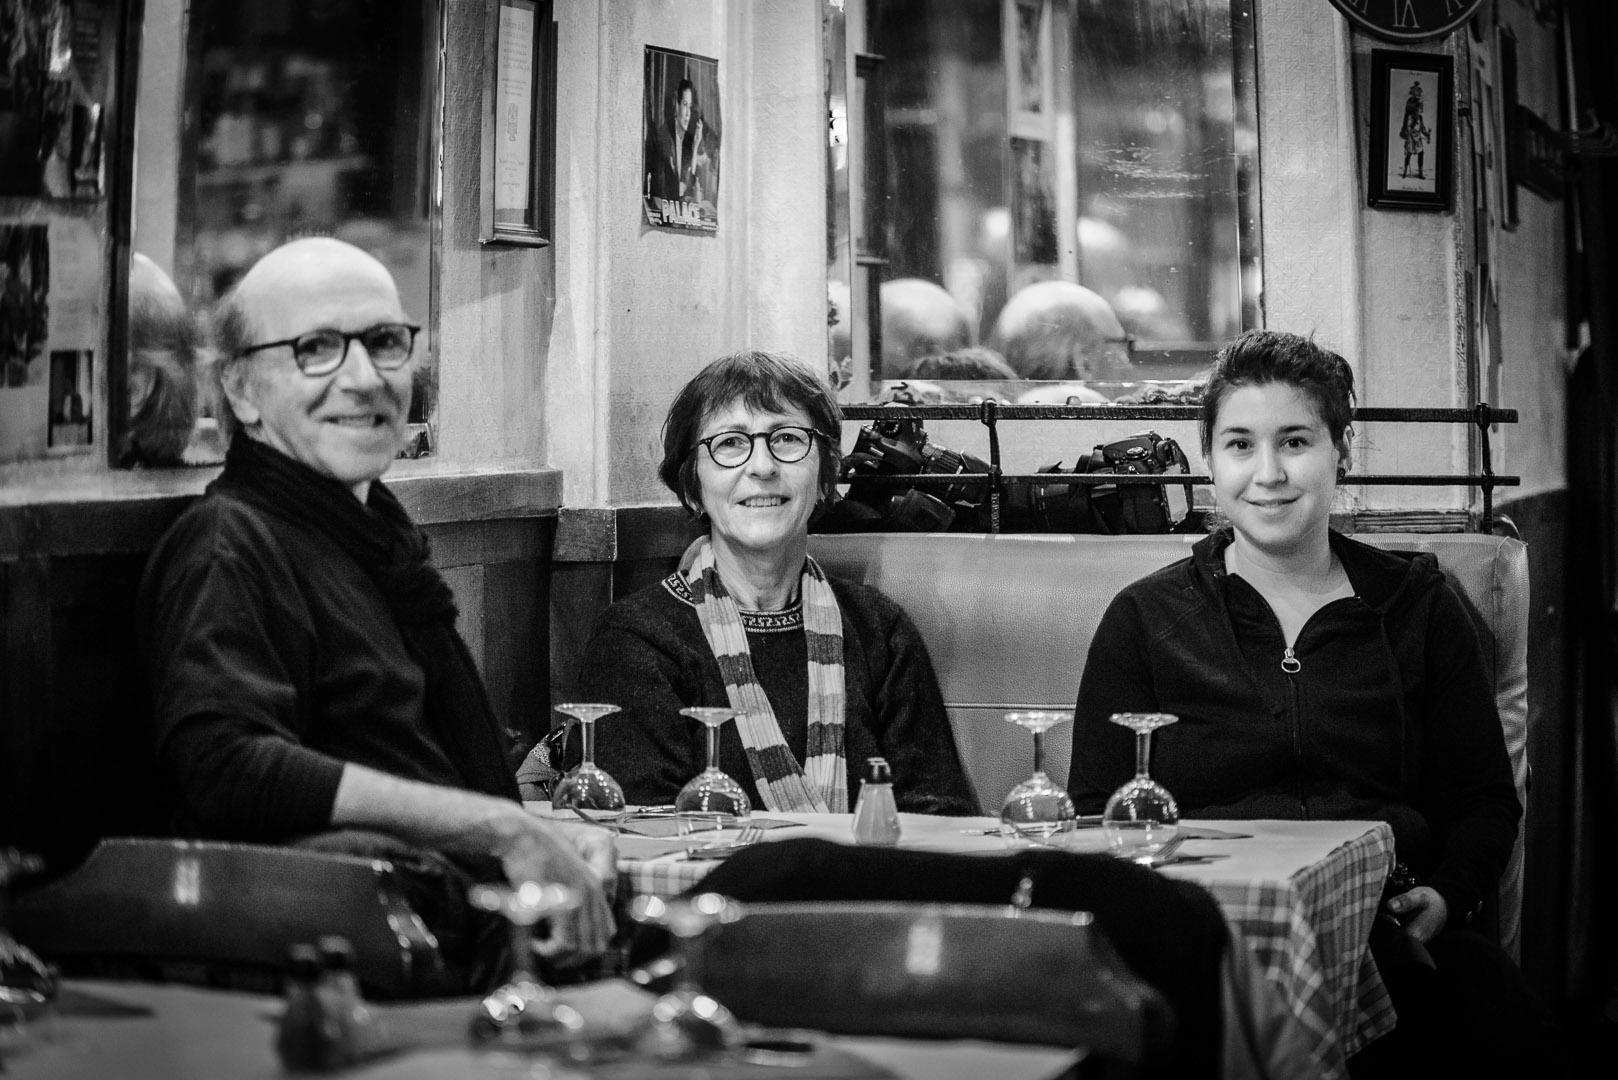 De gauche à droite: Pierre Vézina, Joan Pouliot et Karyne Gagné bien installés à leur table qui attendent leur dîner.